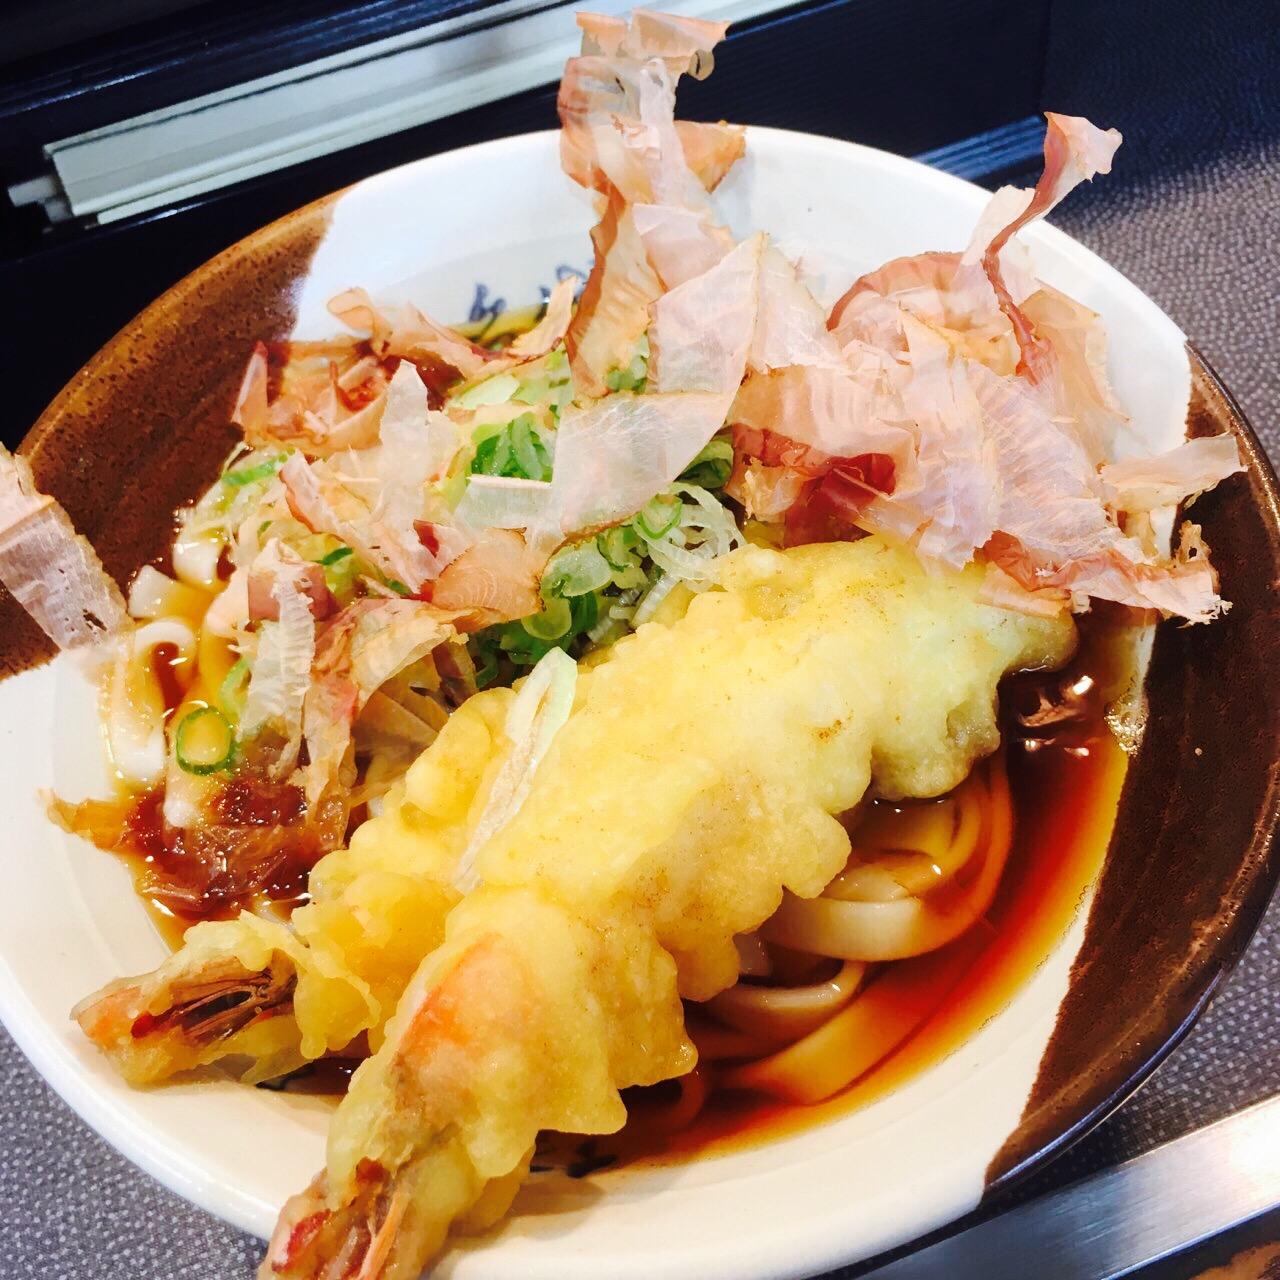 名古屋出張なら新幹線ホームで「住よし」のきしめんを食べるべし!